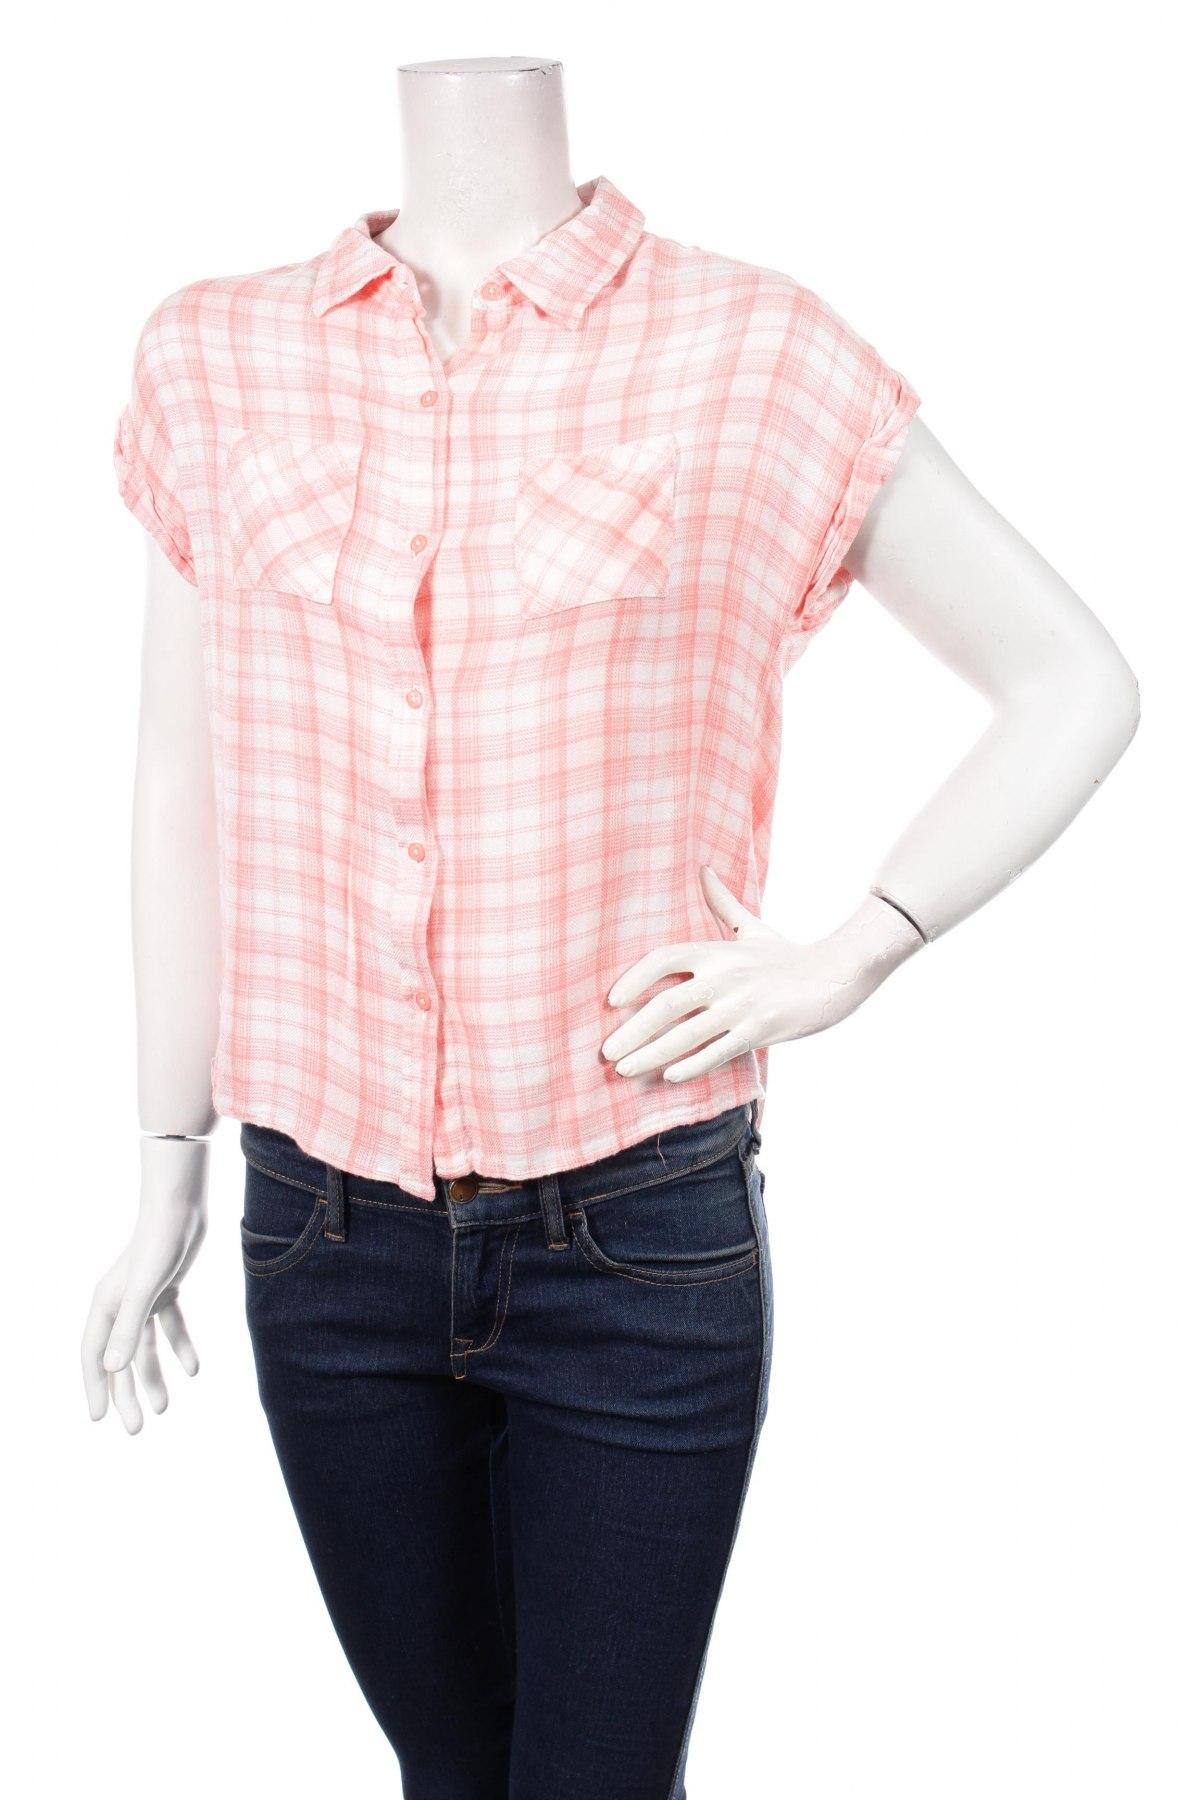 Γυναικείο πουκάμισο Japna, Μέγεθος M, Χρώμα Ρόζ , 100% βισκόζη, Τιμή 9,90€